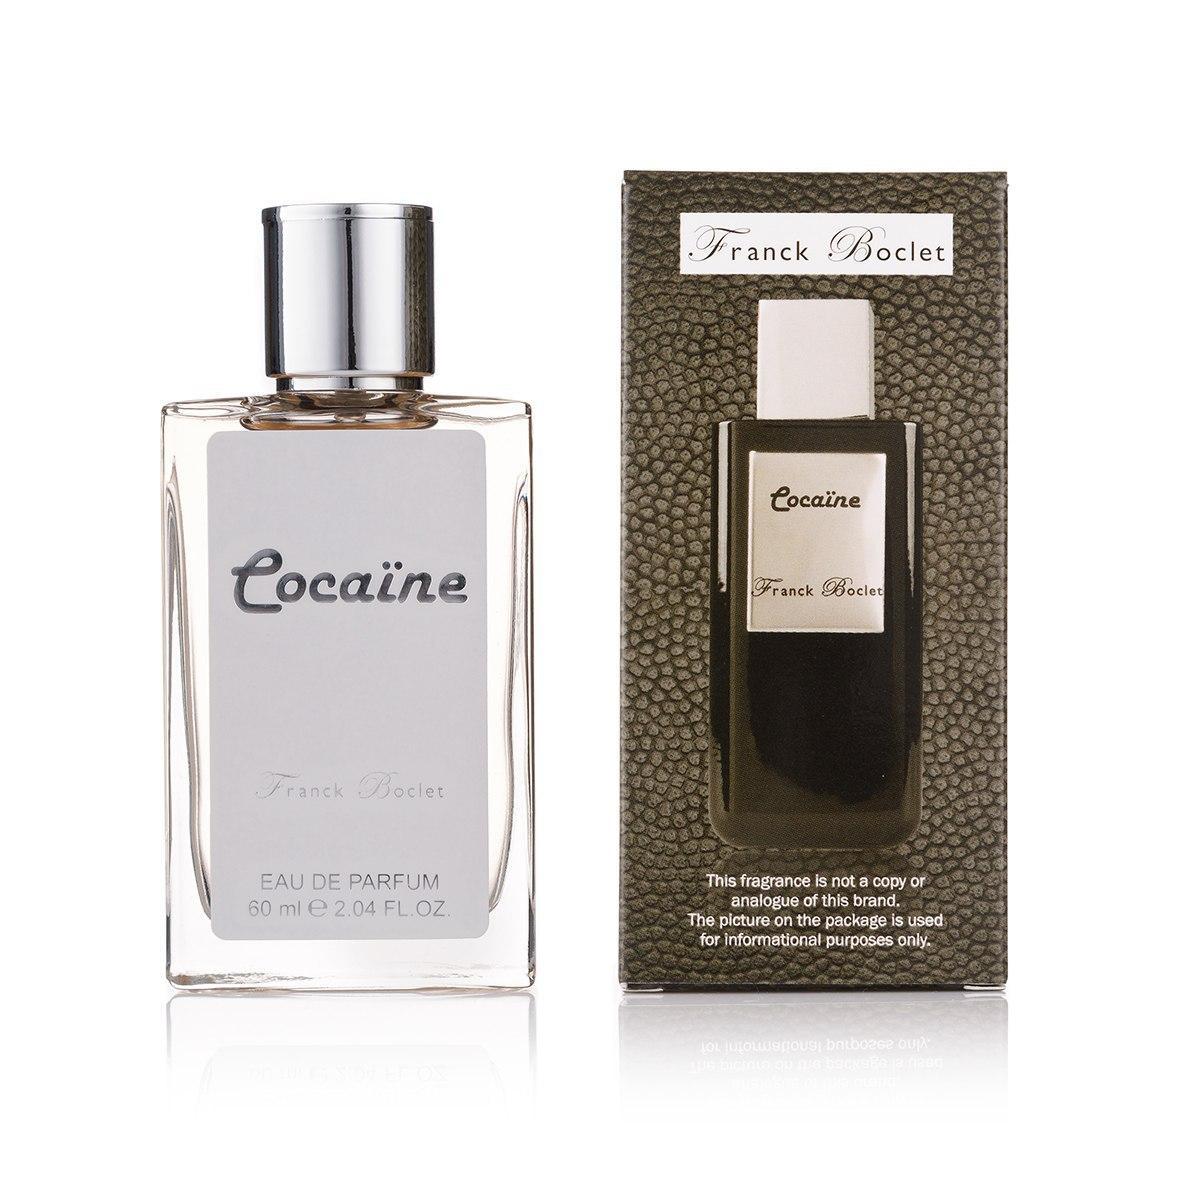 60 мл мини-парфюм Franck Boclet Cocaine (унисекс)